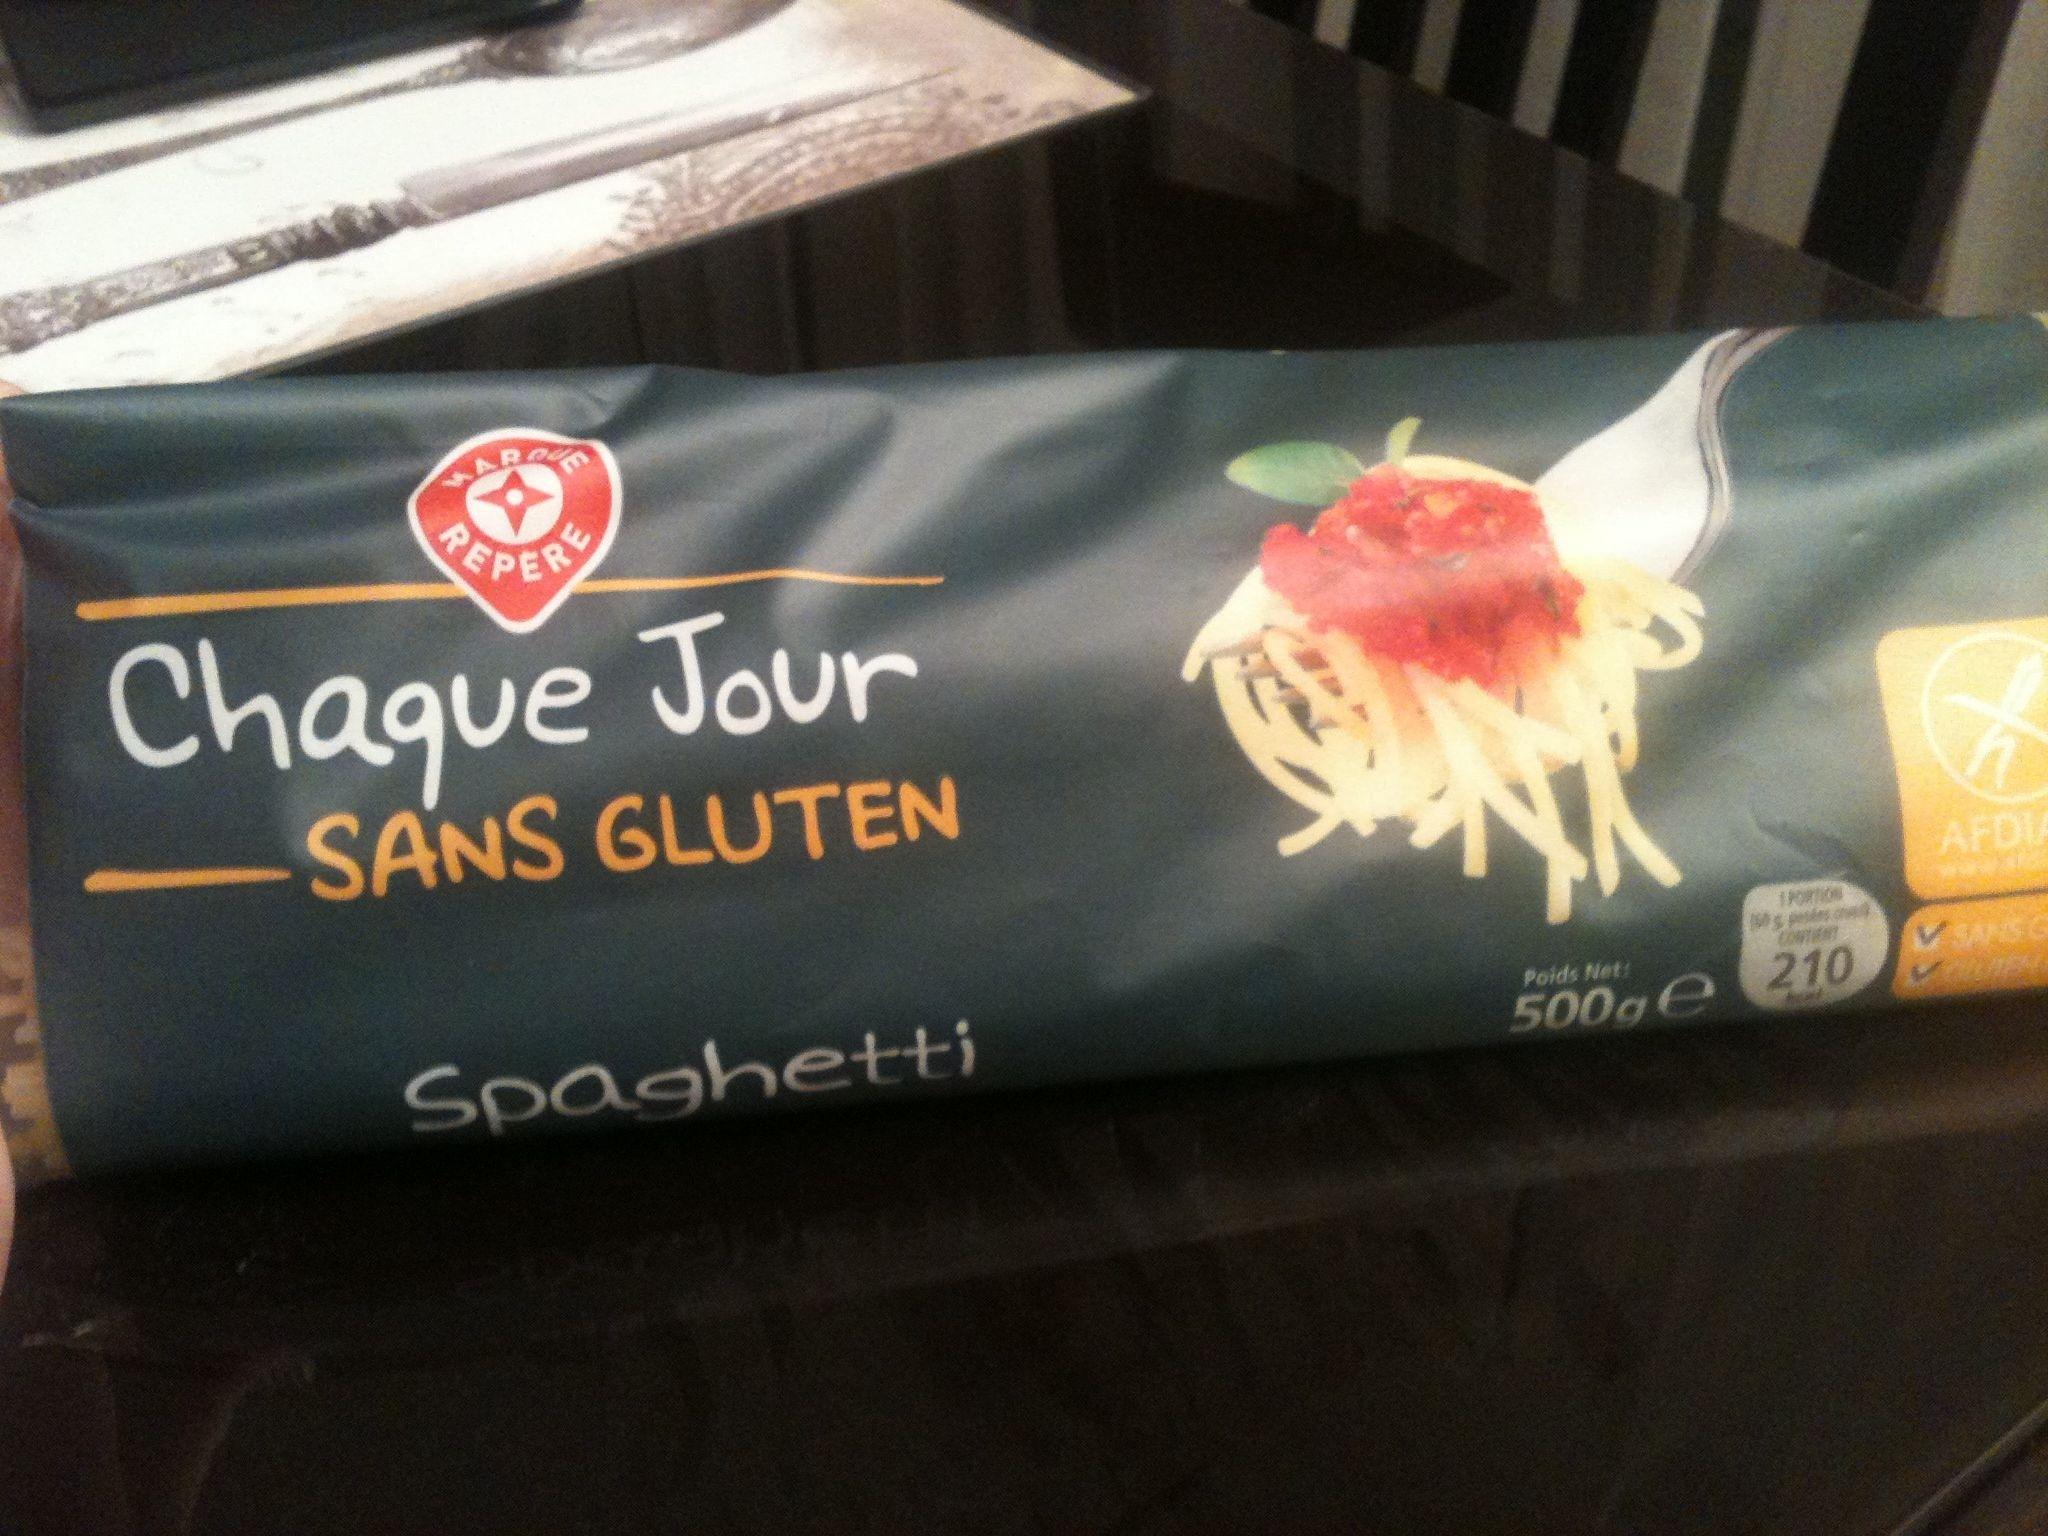 Spaghetti sans gluten - Produit - fr